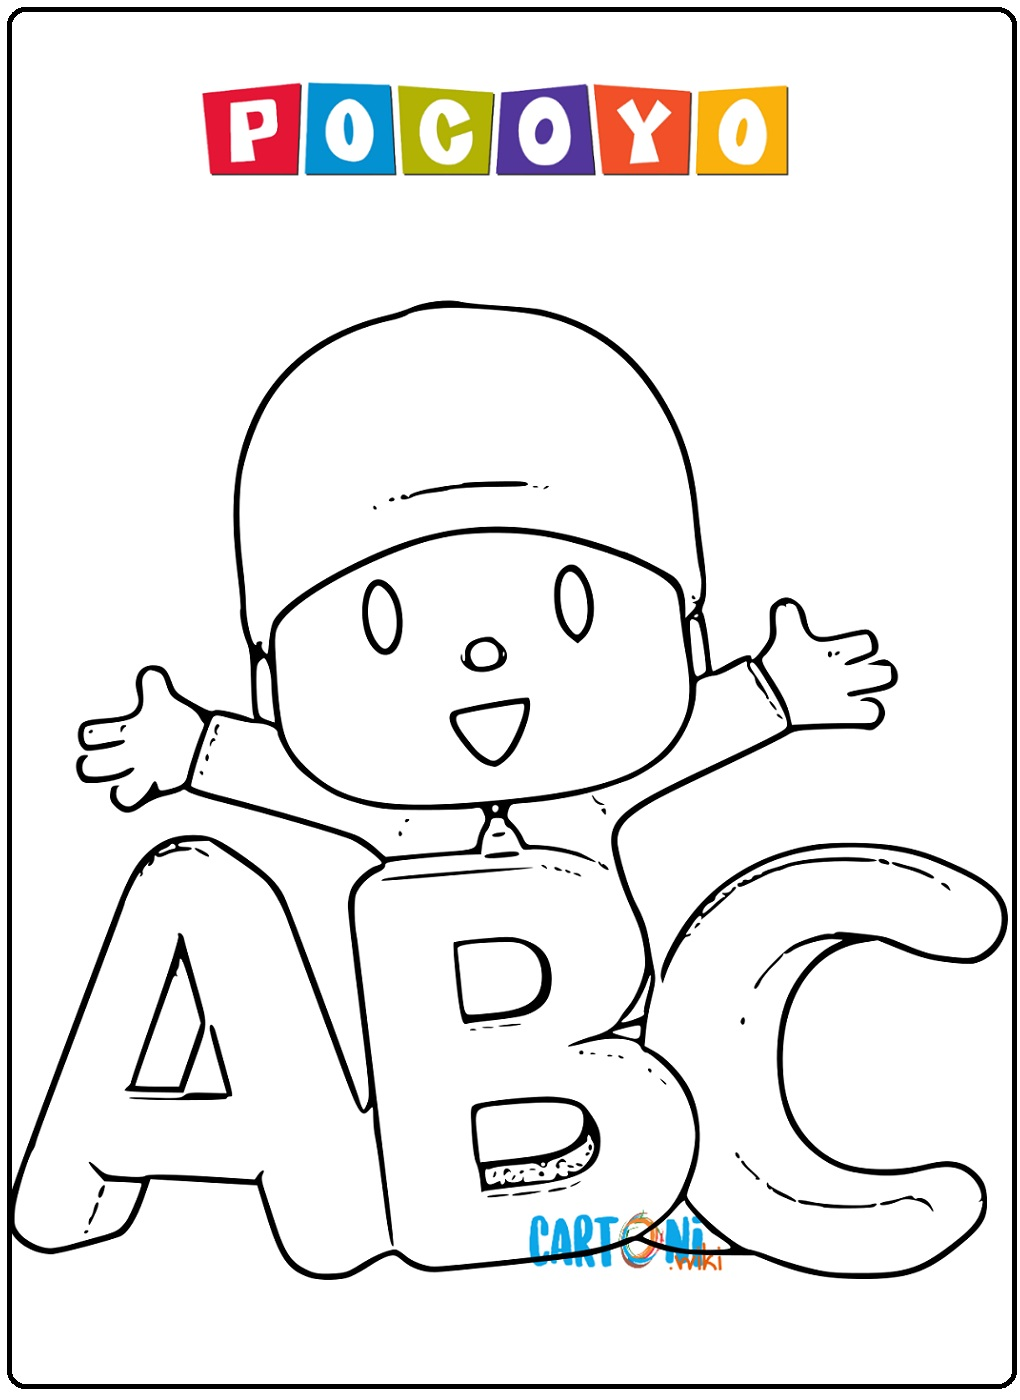 Pocoyo coloring page - Disegni da colorare